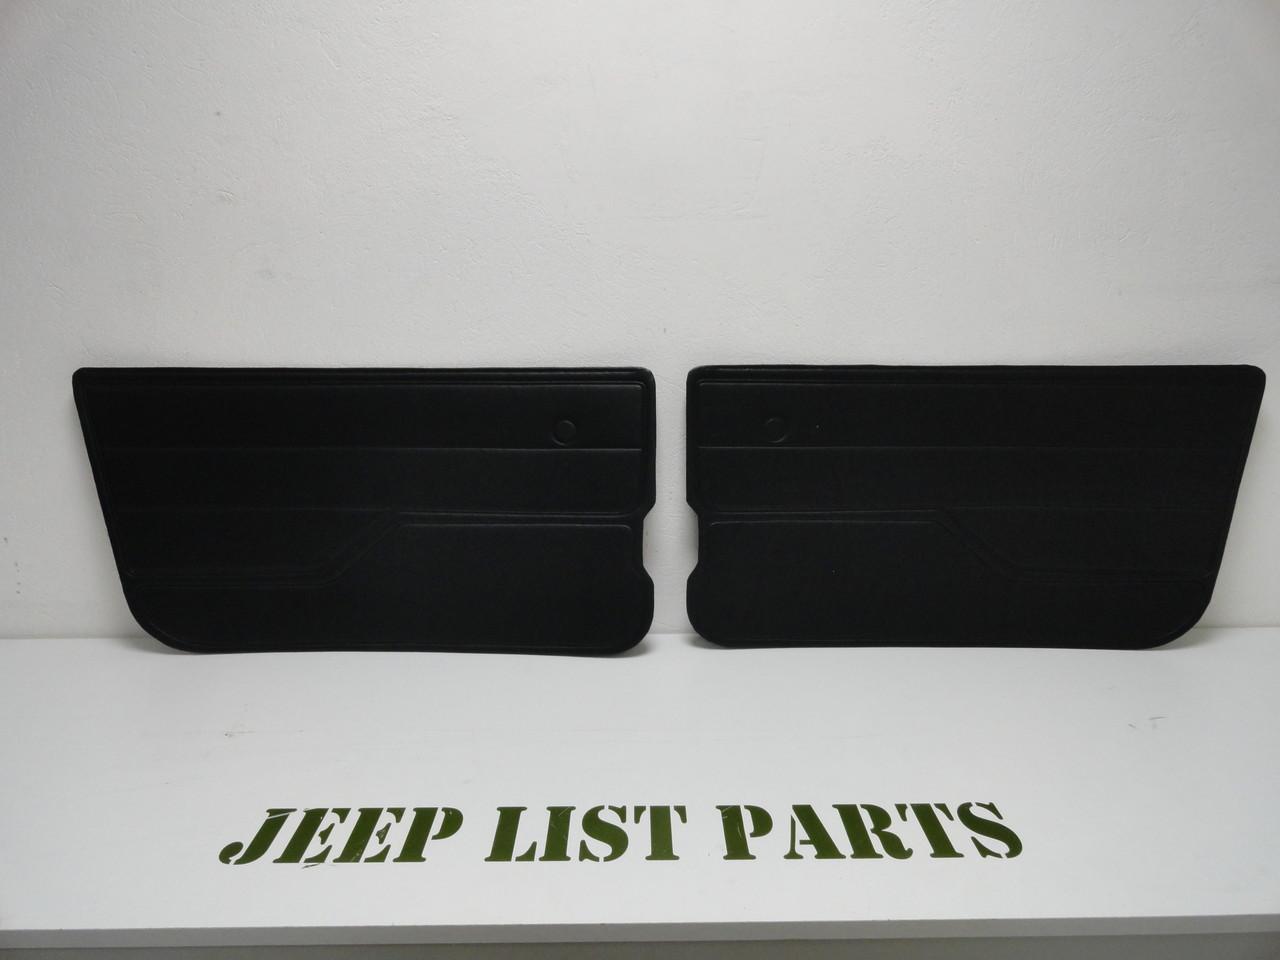 YJ Wrangler>>Pièces d\'occasion>>Intérieur - Jeep List Parts